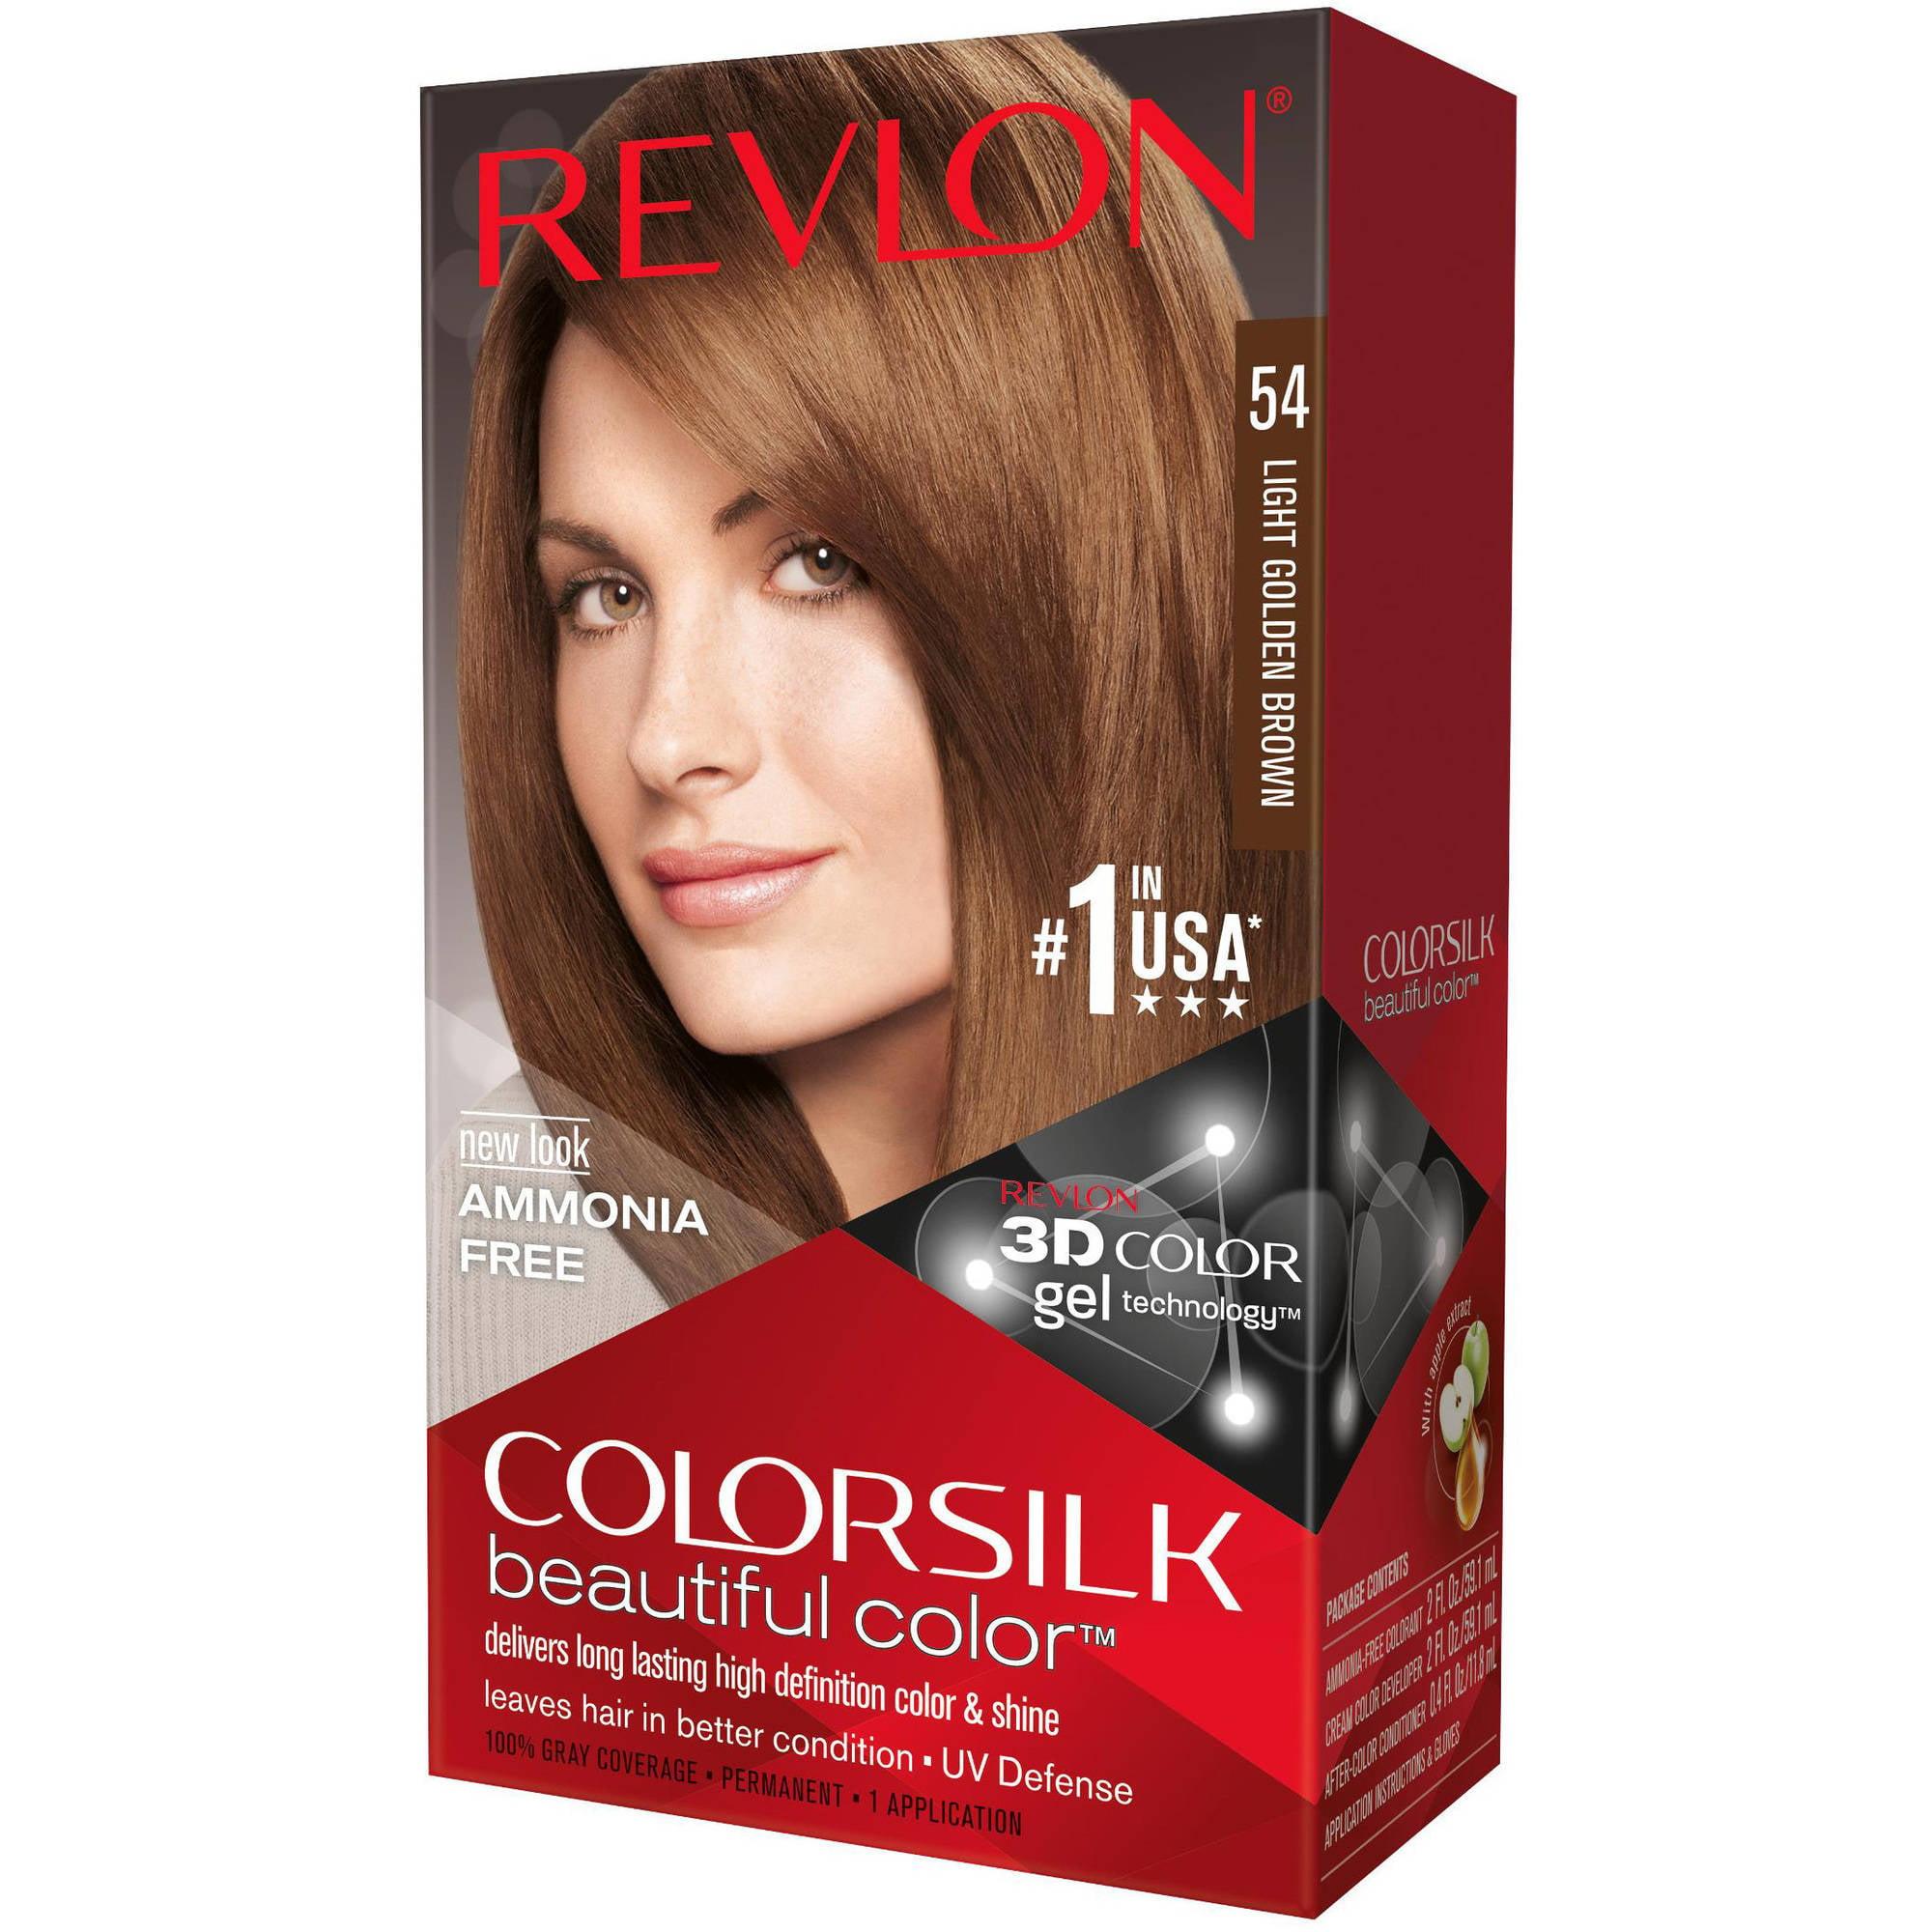 Revlon Colorsilk Beautiful Color Permanent Hair Color, 54 Light Golden Brown